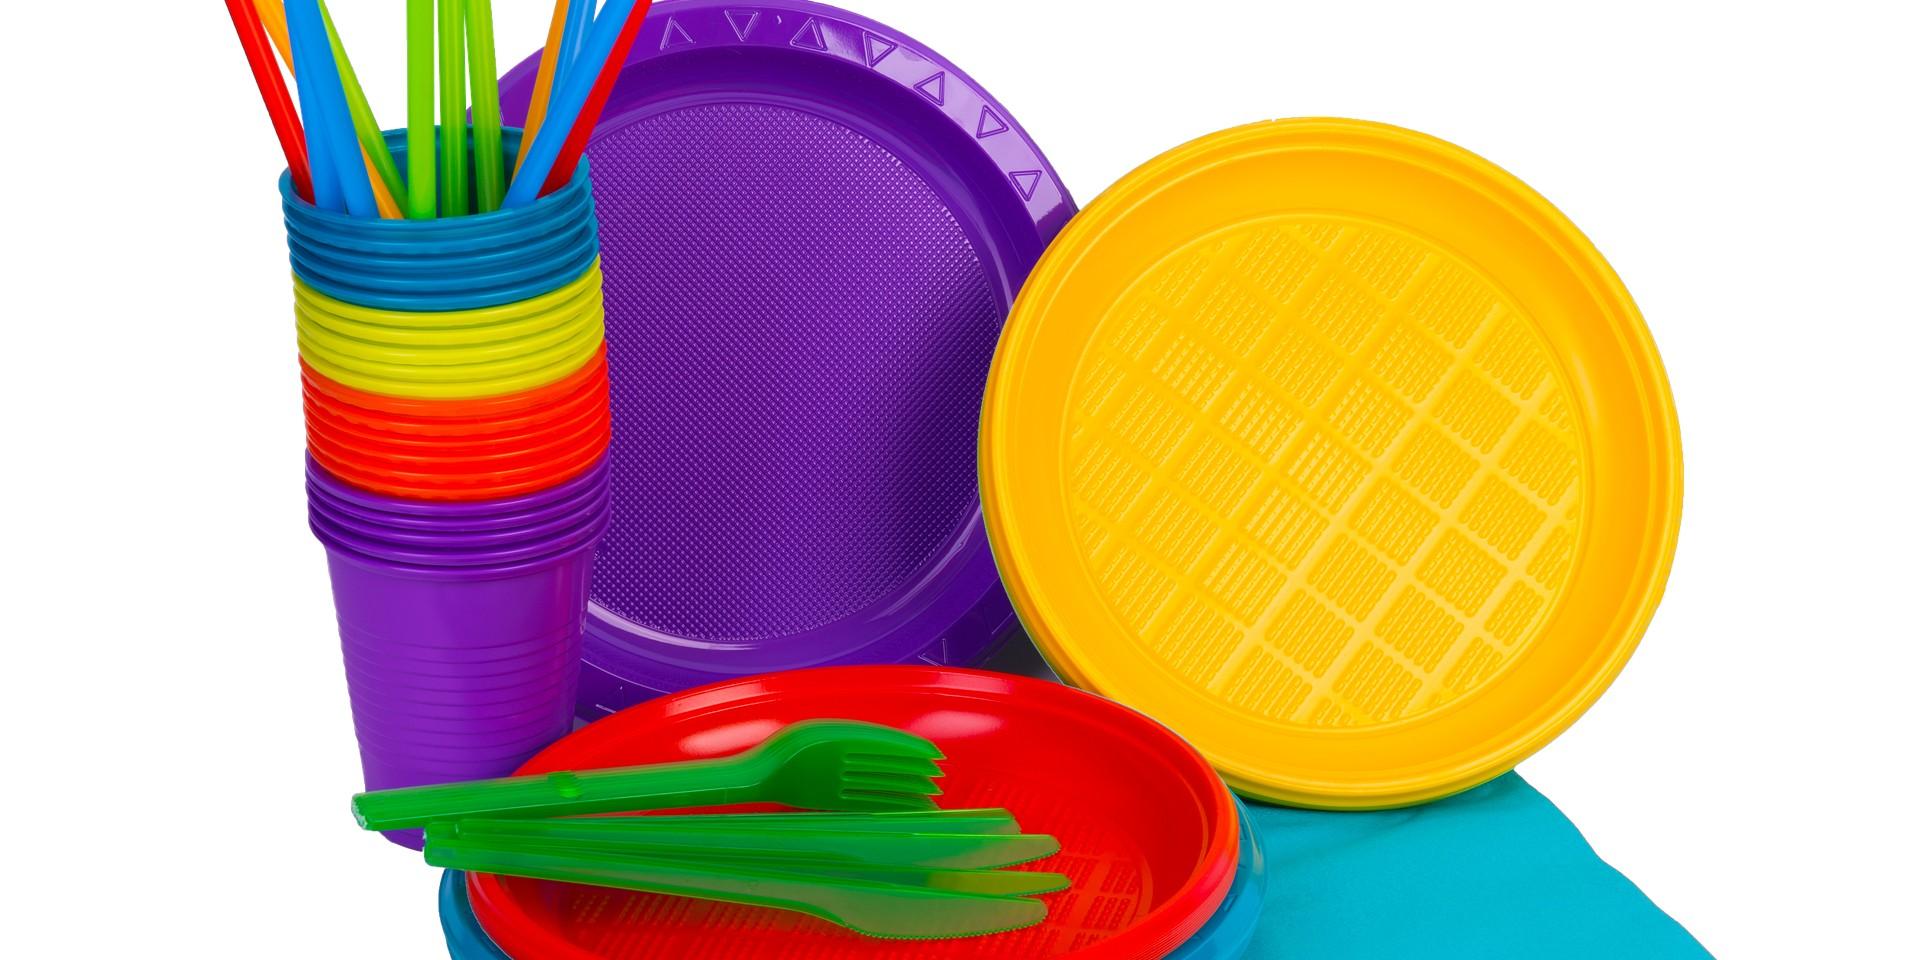 ZA DVA MJESECA ODLAZE U POVIJEST: Plastični pribor za jelo, tanjuri, slamke, štapići